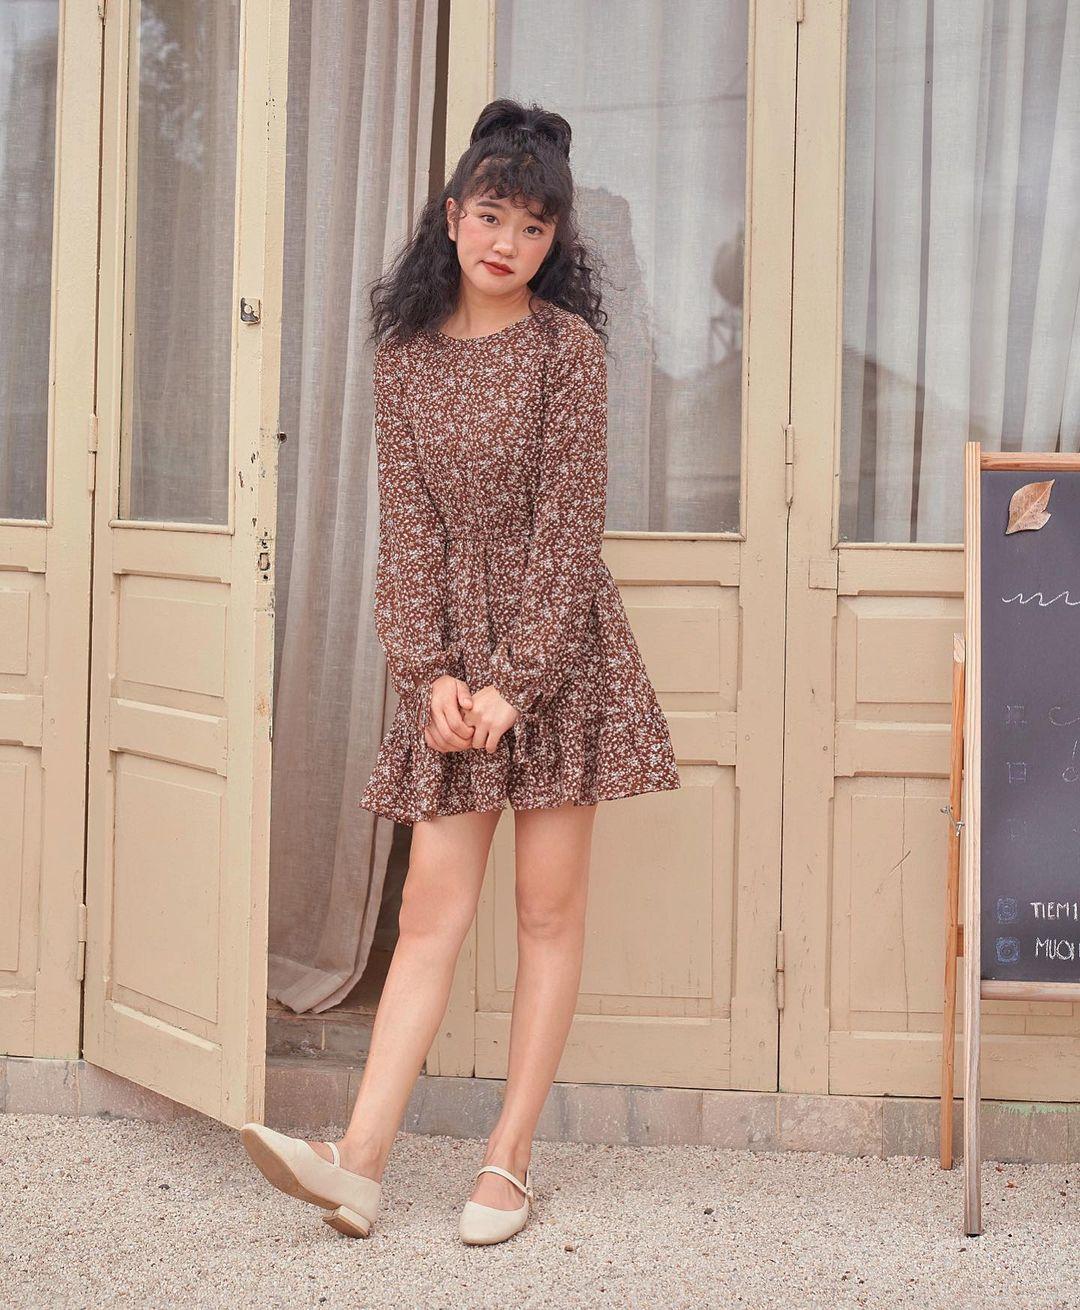 Đầu xuân Hòa Minzy mua váy hoa vintage, chị em muốn xinh như nàng thơ nên bắt chước - Ảnh 3.